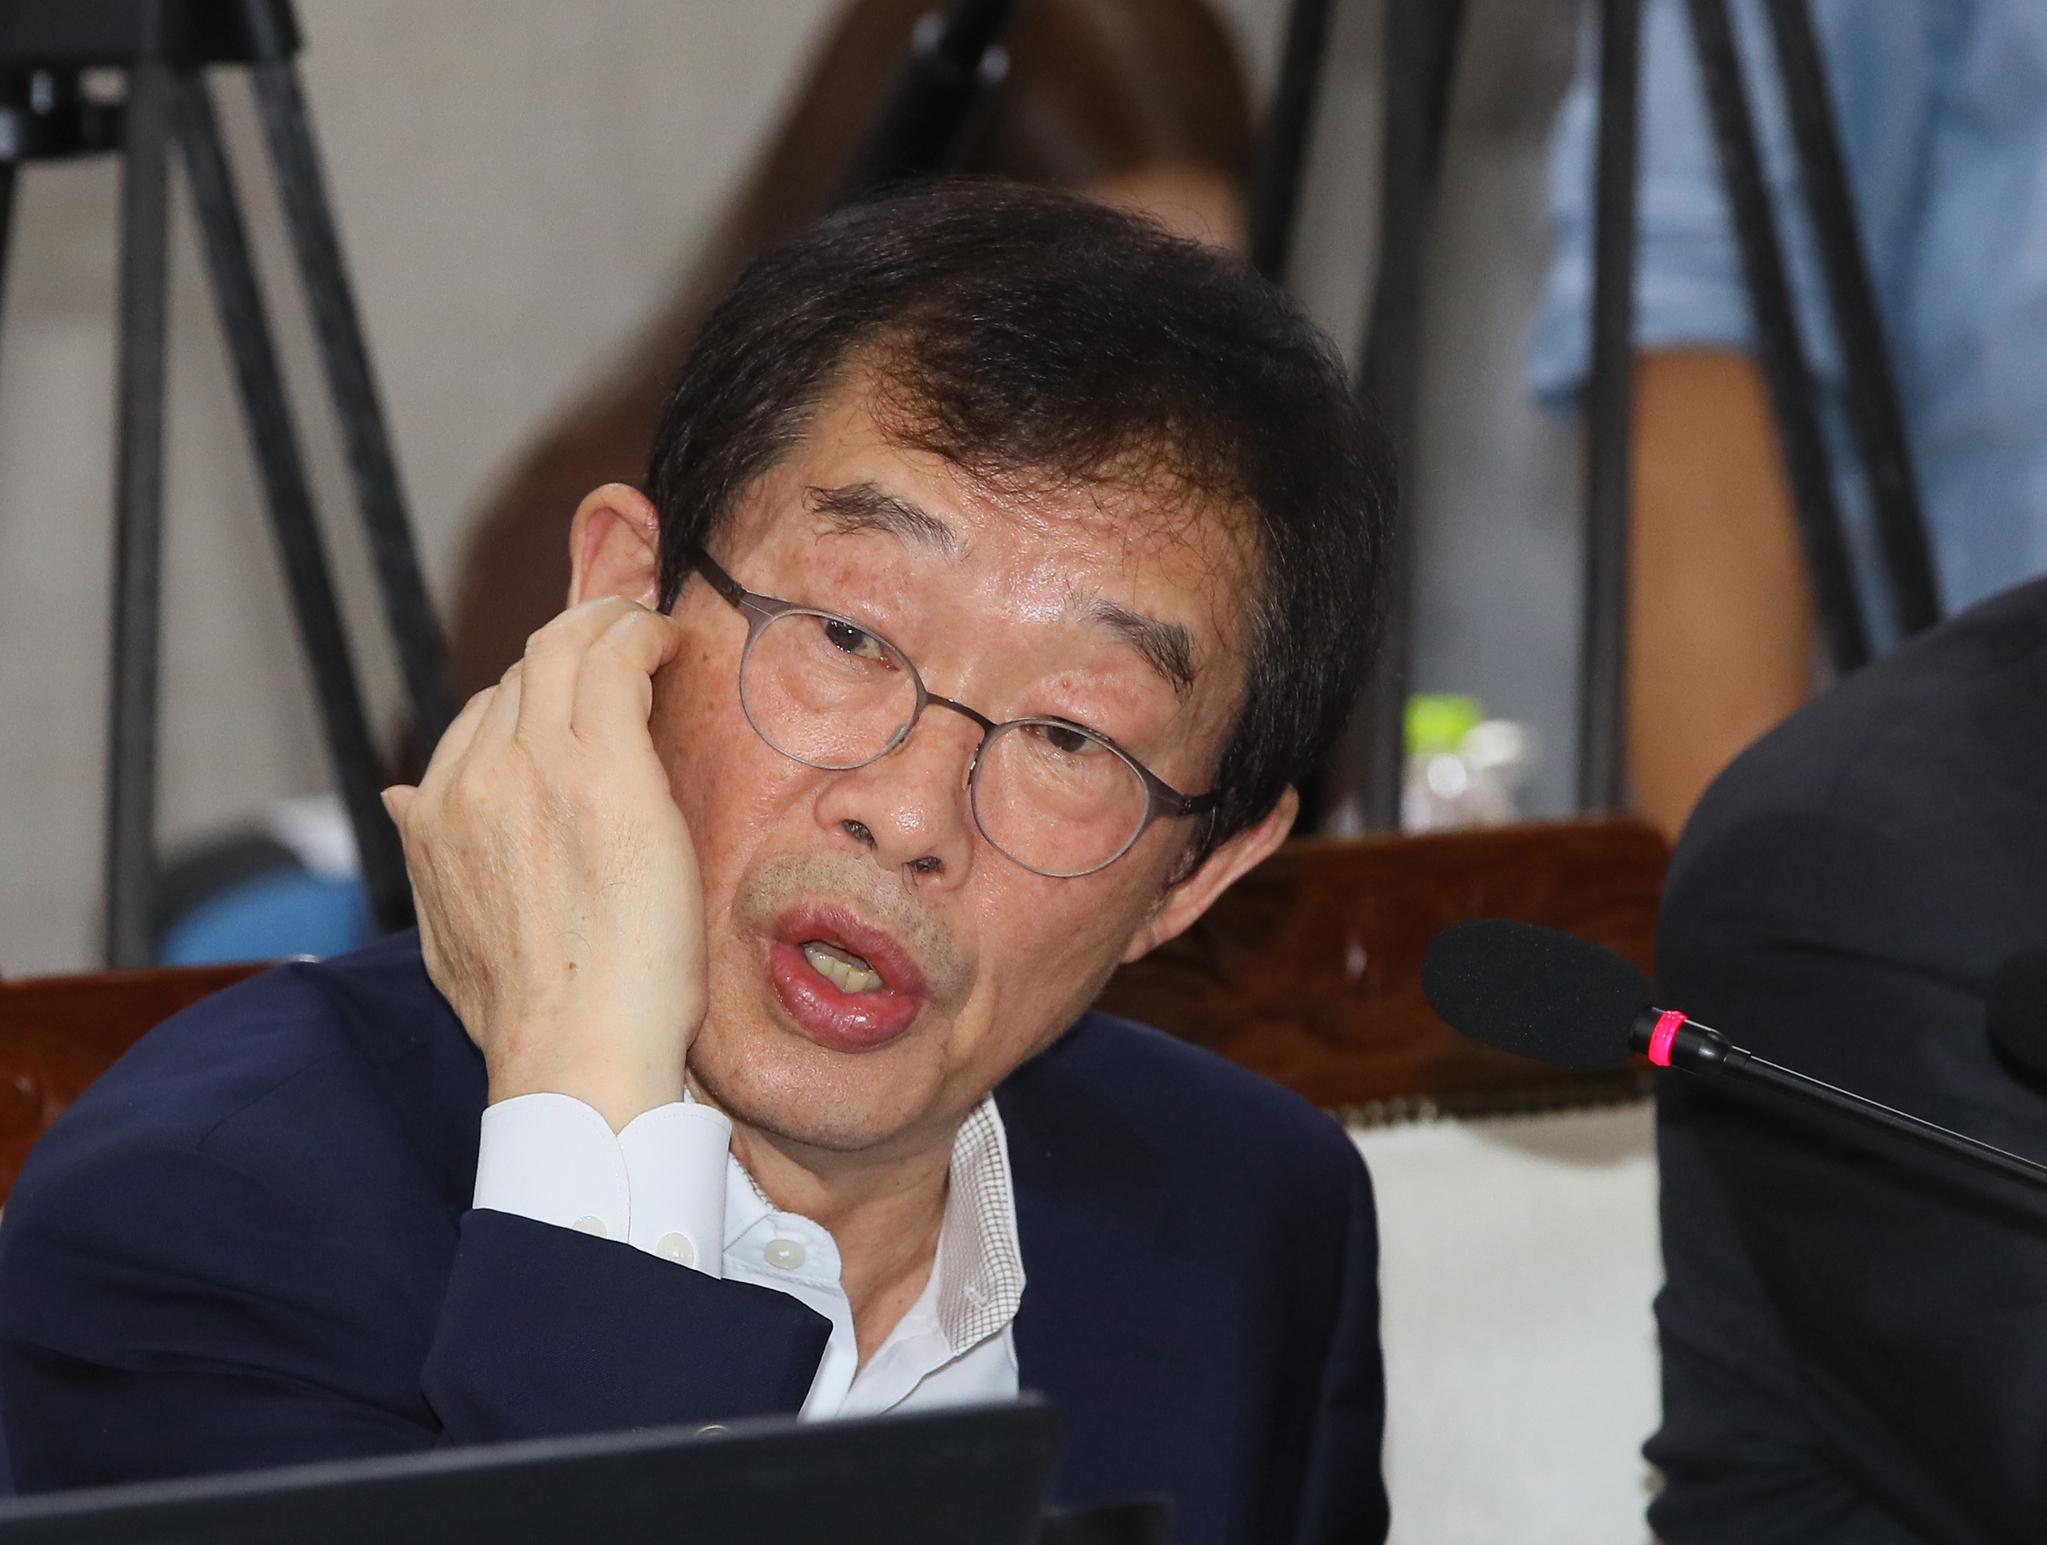 더불어민주당 이용득 의원. [연합뉴스]